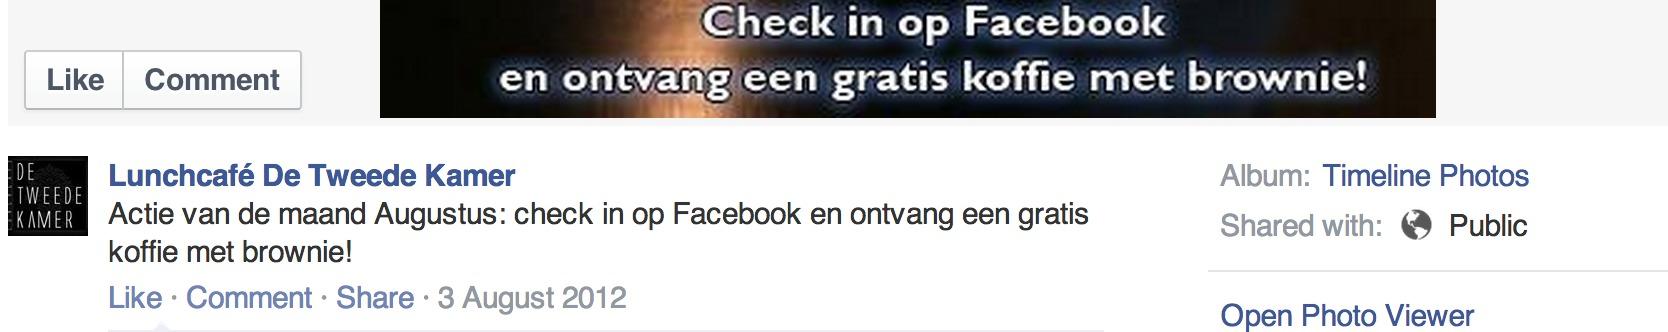 Check in op facebook en krijg gratis koffie